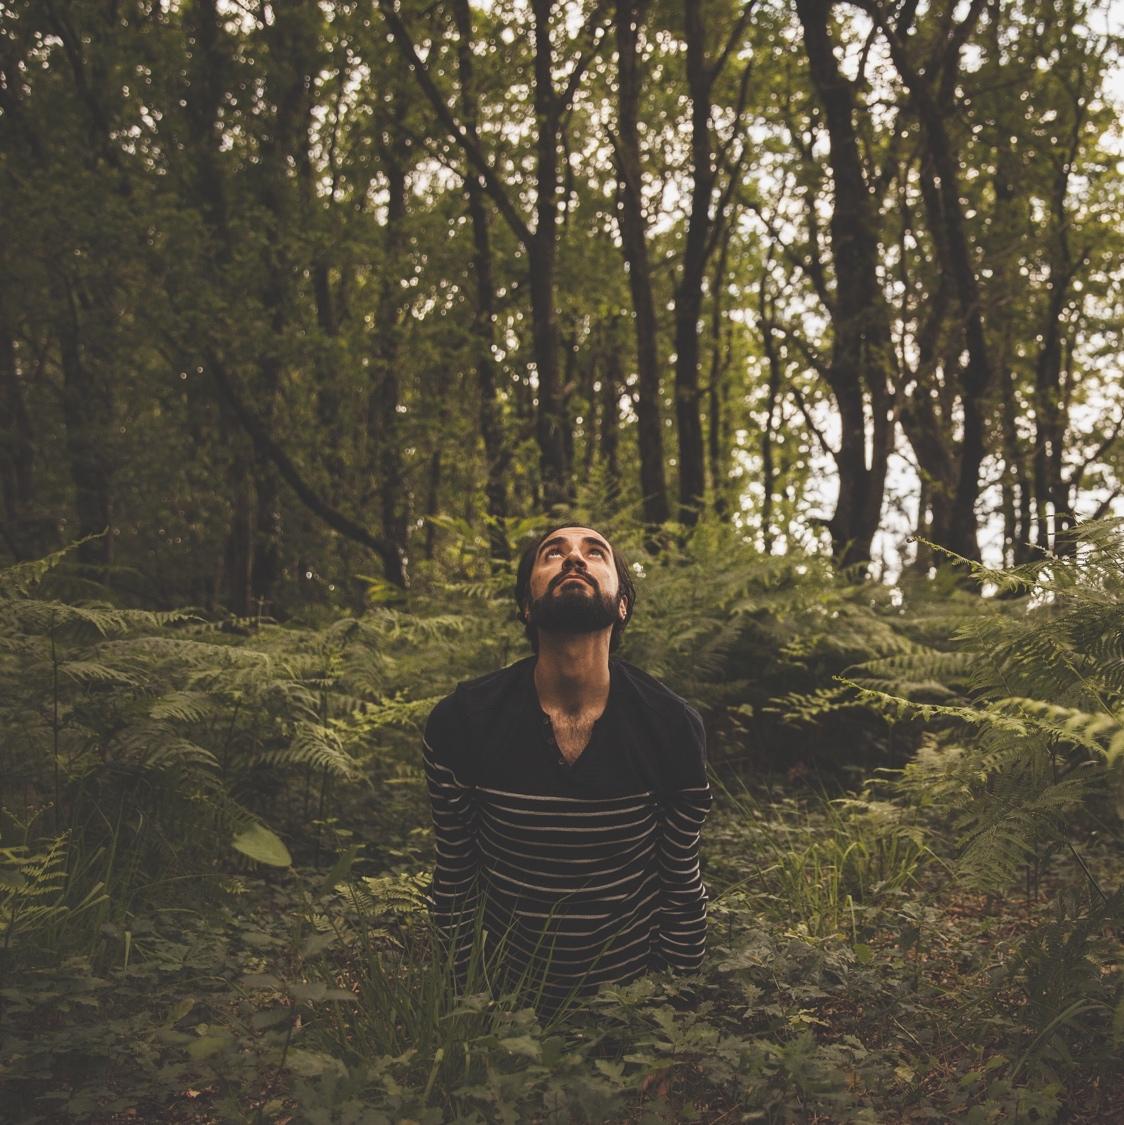 Rémy faisant le chien tête en haut dans la forêt